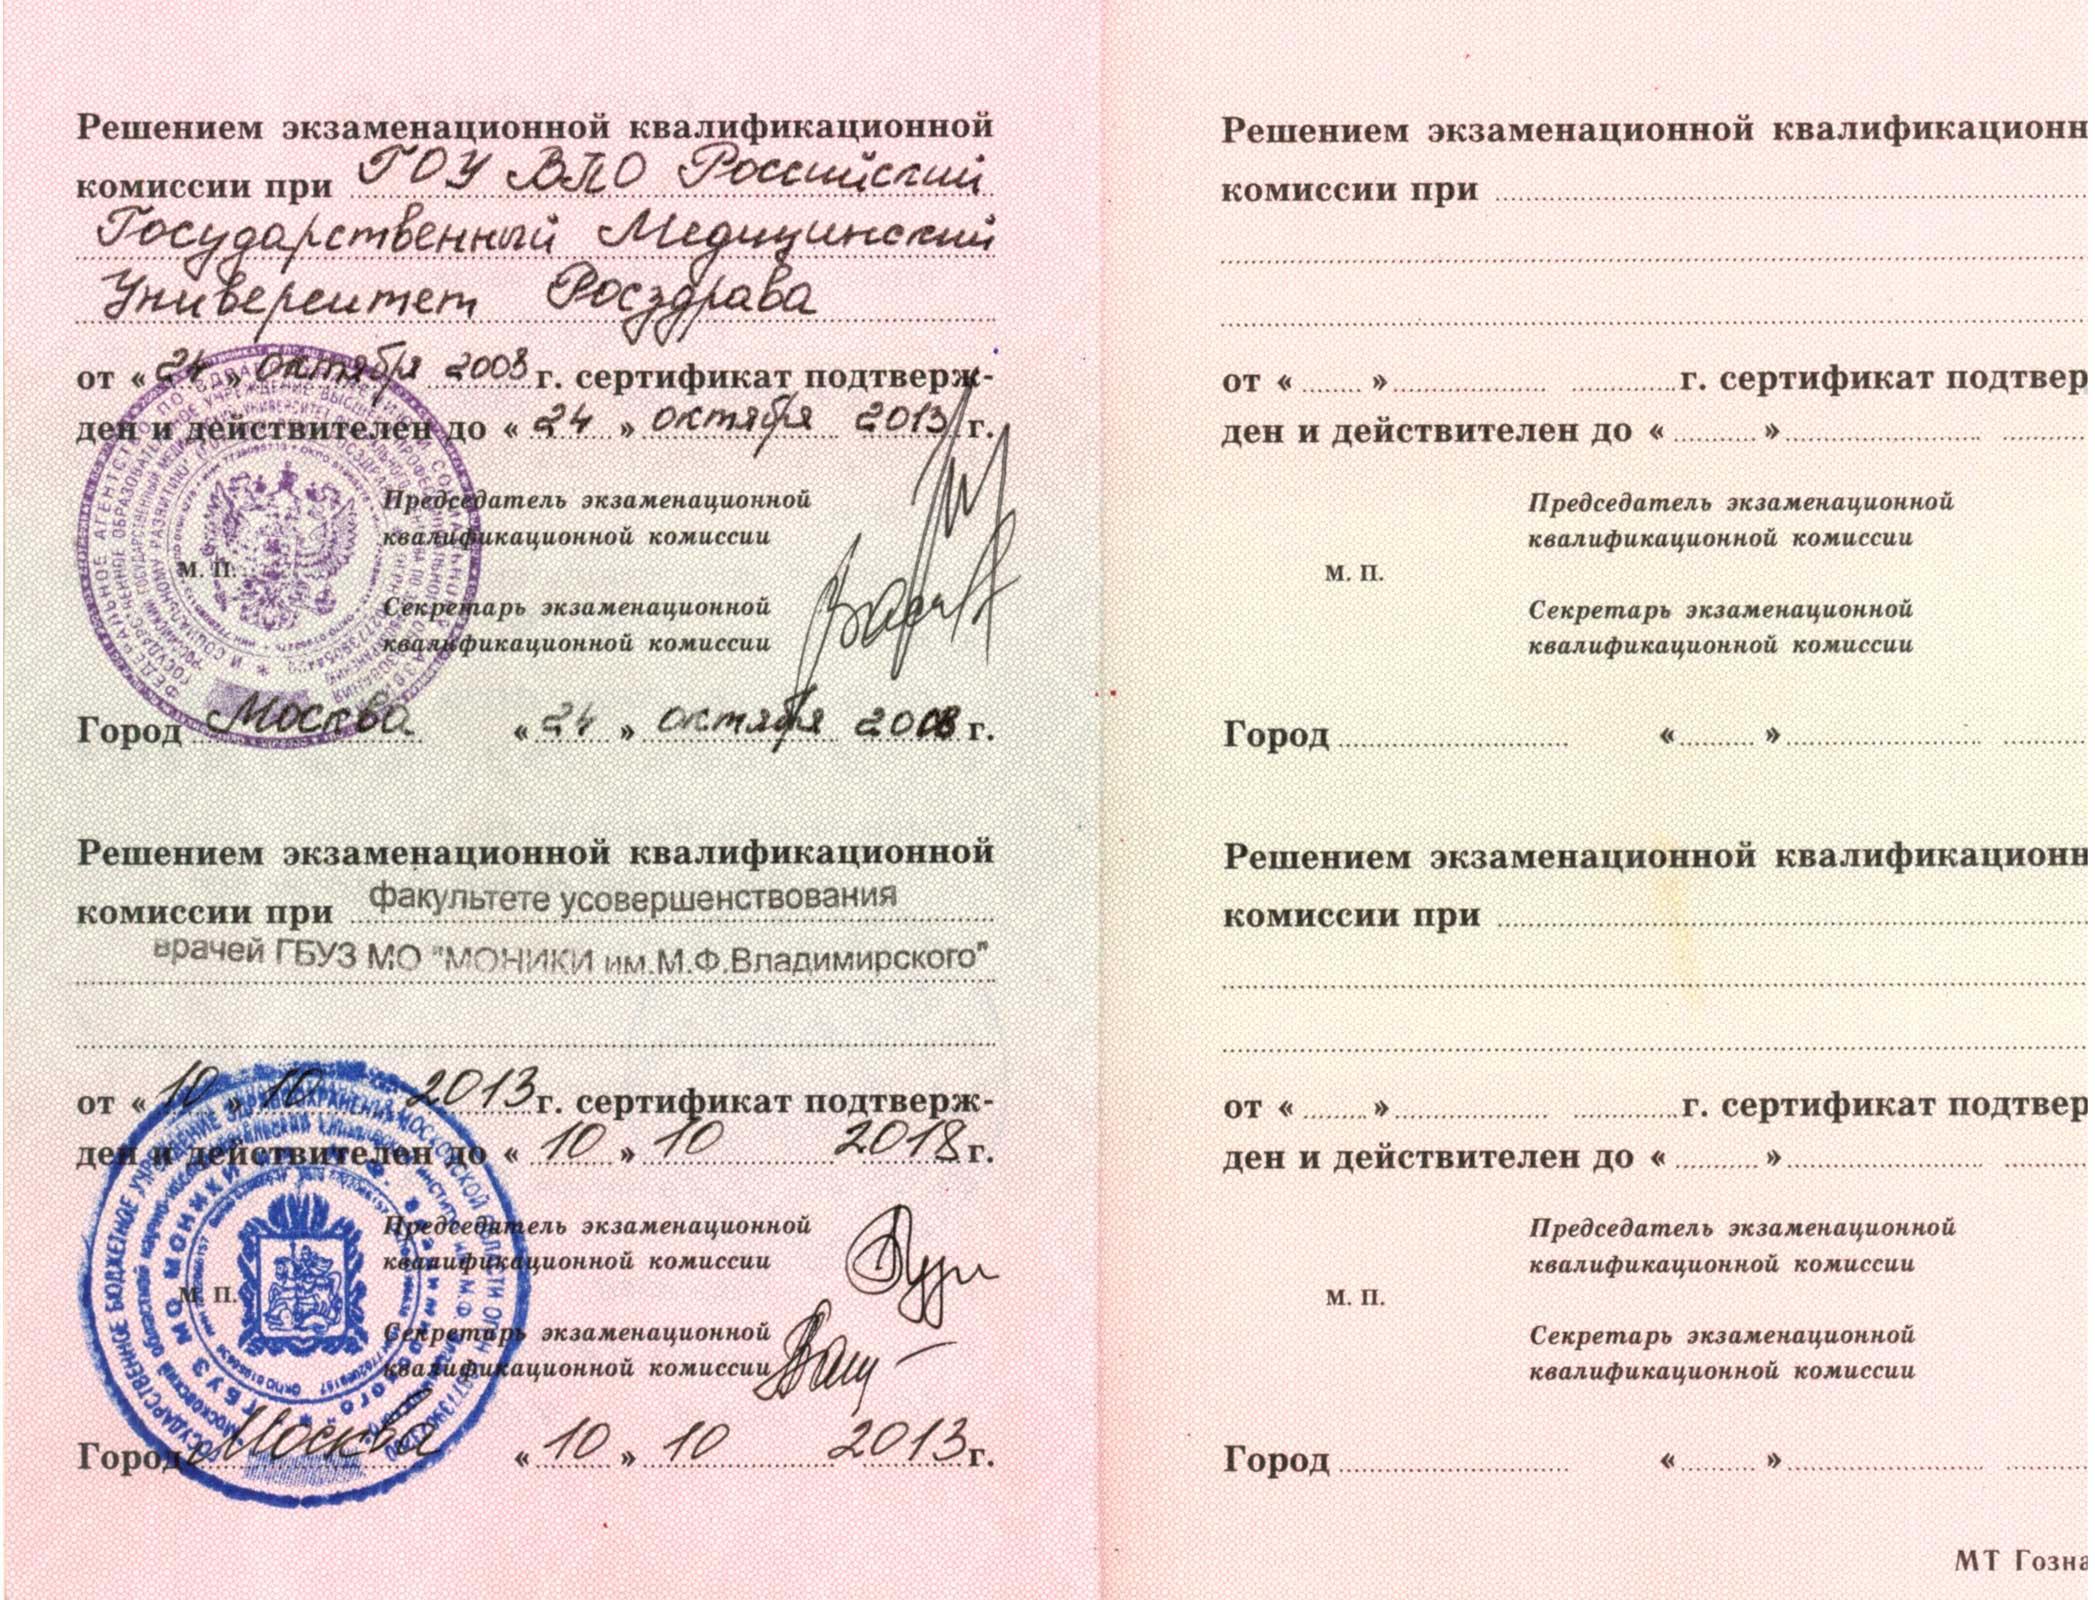 Сертификат дерматовенеролога трихолога Ситовой Е.В